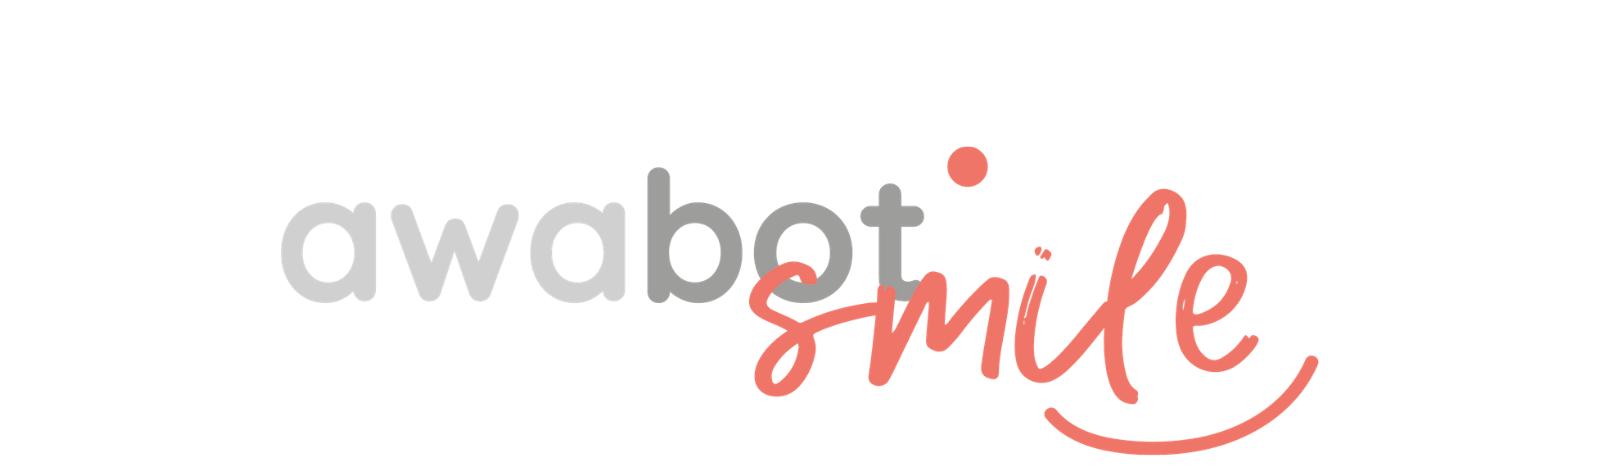 EDUCATEC-EDUCATICE : Awabot présente Awabot Smile, son dispositif de téléprésence inclusive